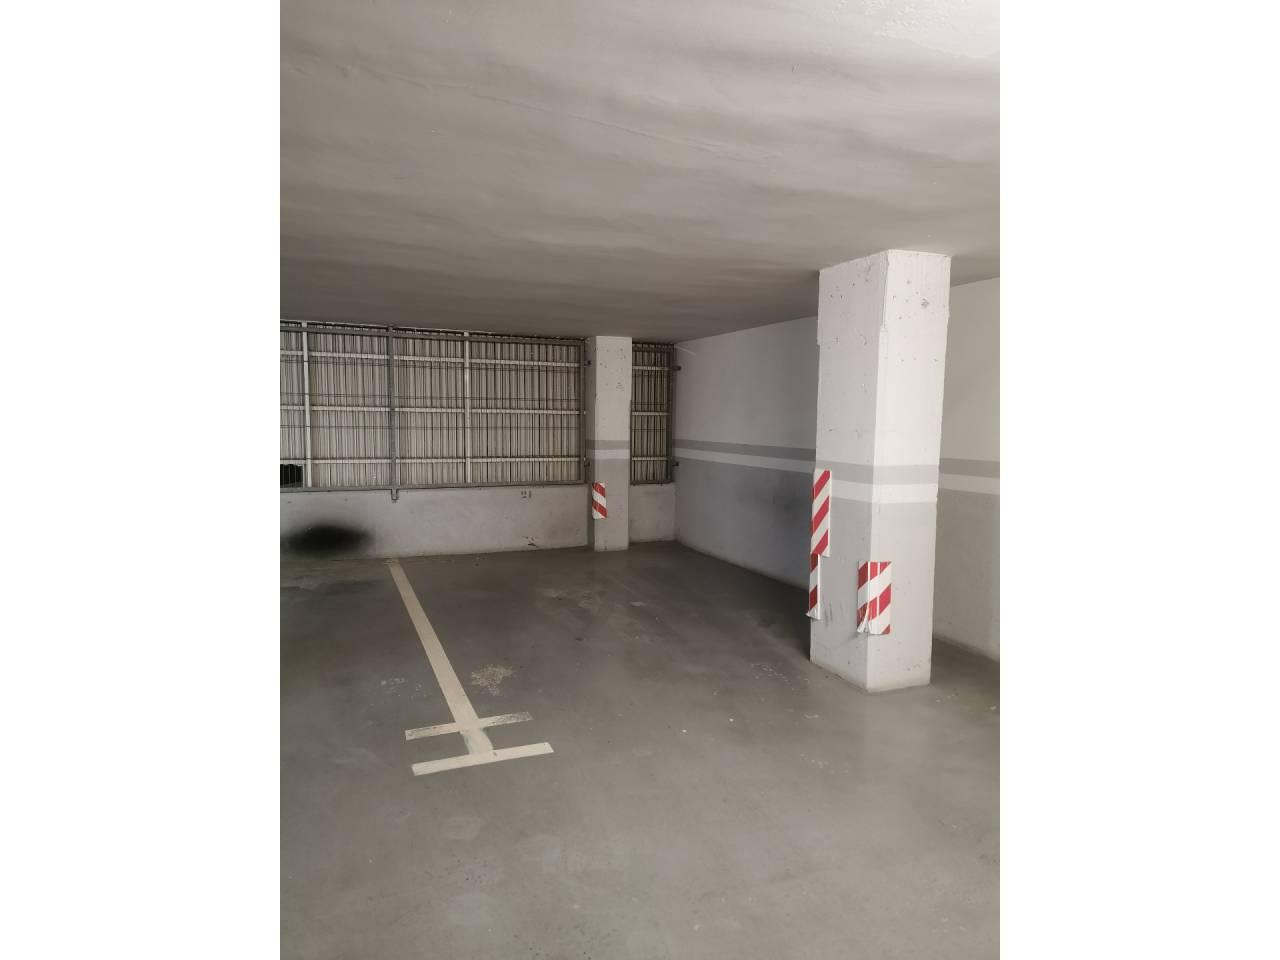 Alquiler Parking coche  Paseo de l´estació. Superficie total 16.7 m², parking superficie útil 16.7 m², estad